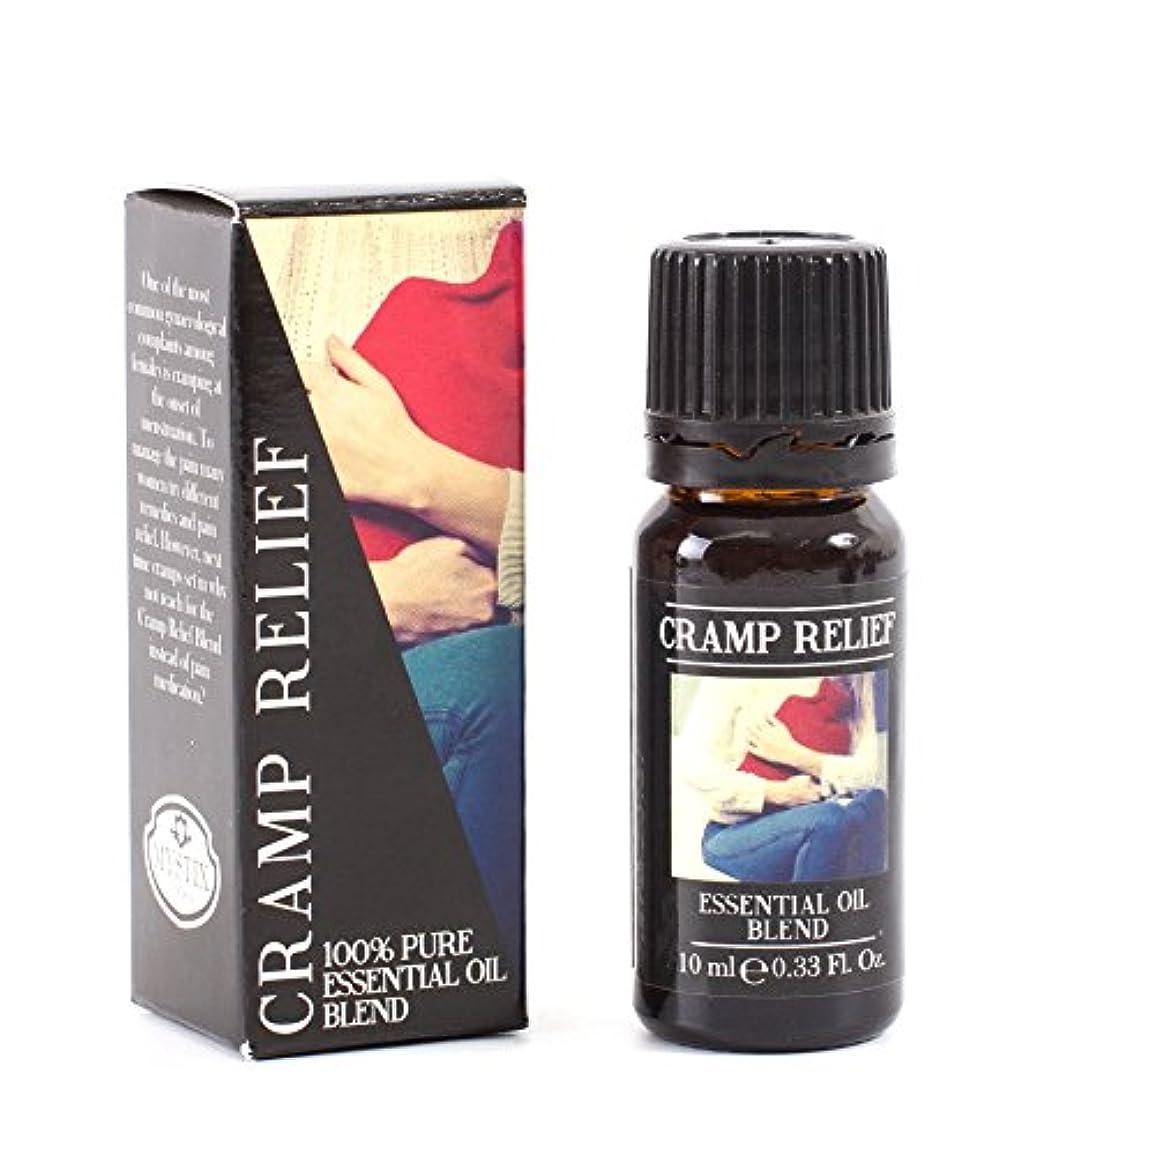 対応する嫌な期待してMystix London | Cramp Relief Essential Oil Blend - 10ml - 100% Pure